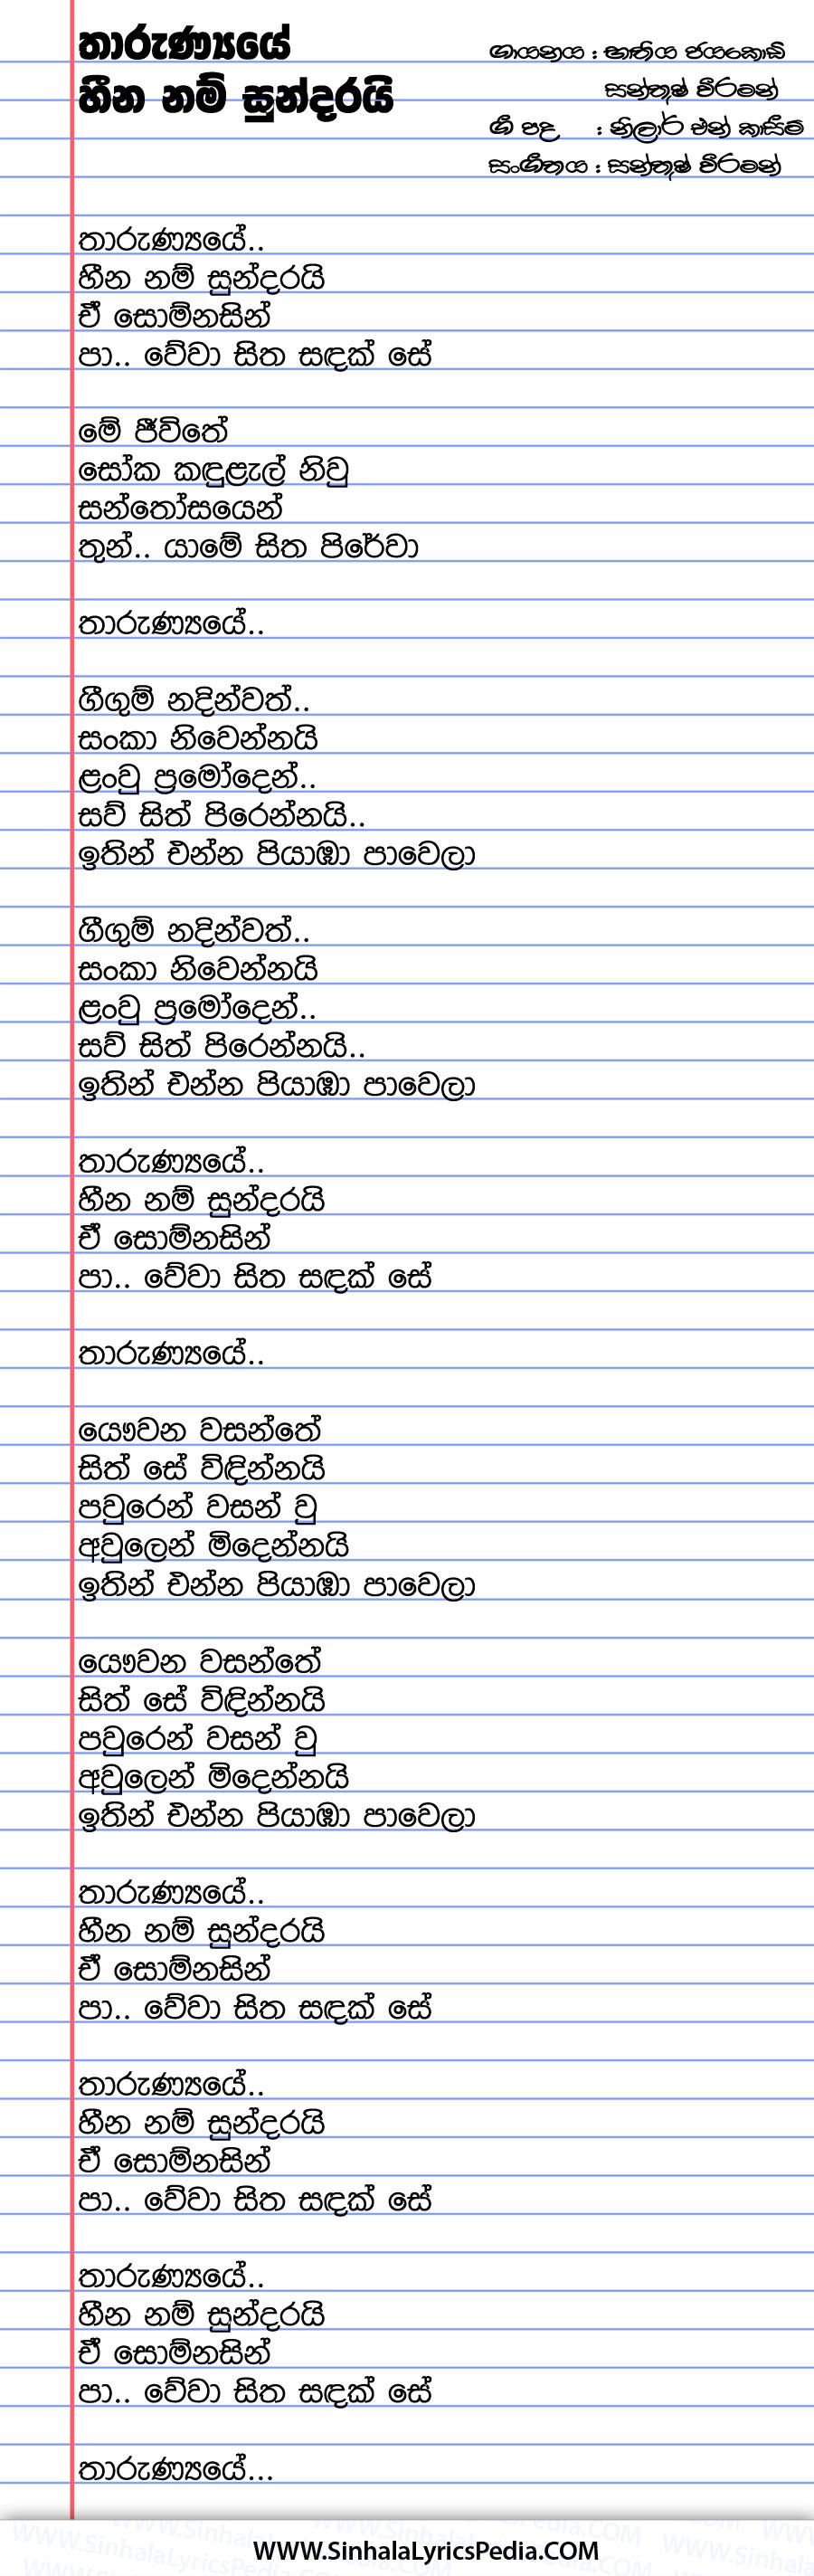 Tharunyaye Heena Nam Sundarai Song Lyrics